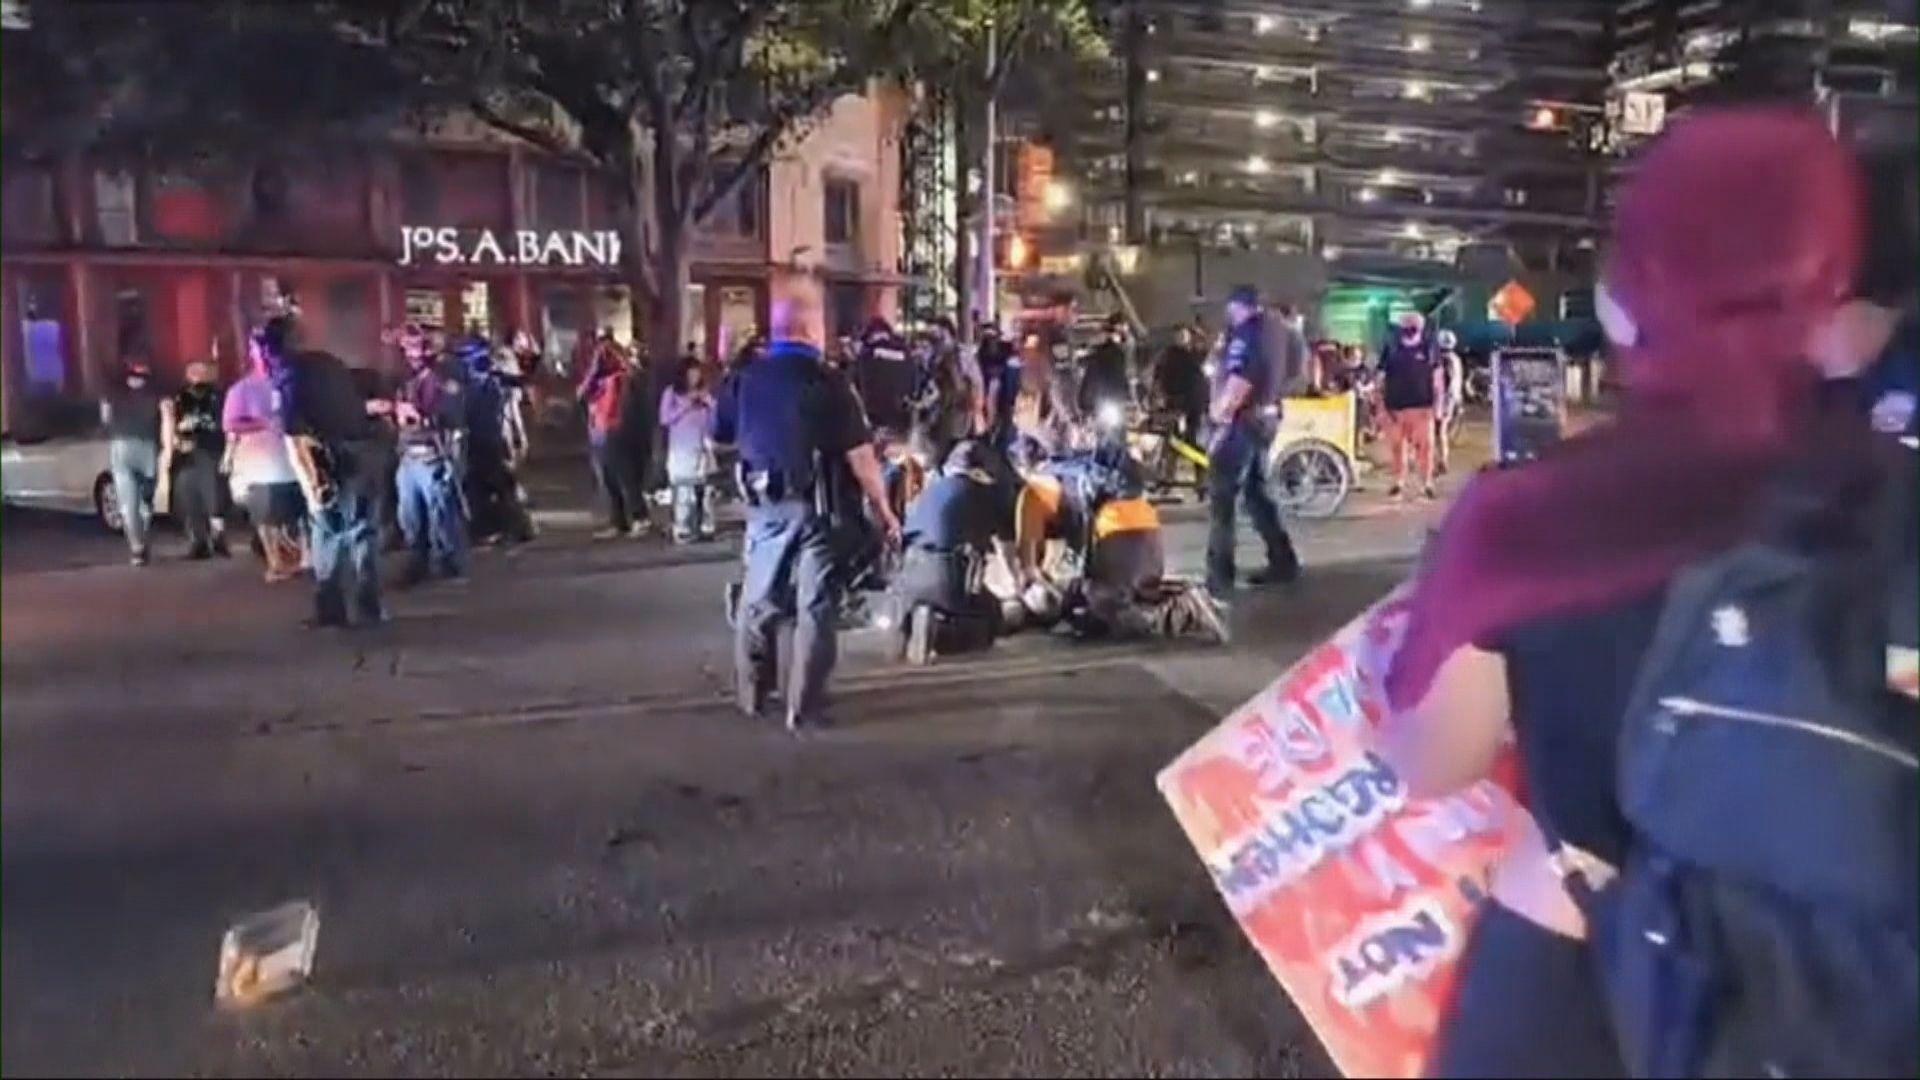 美國反警暴示威持續 得州有示威者中槍死亡